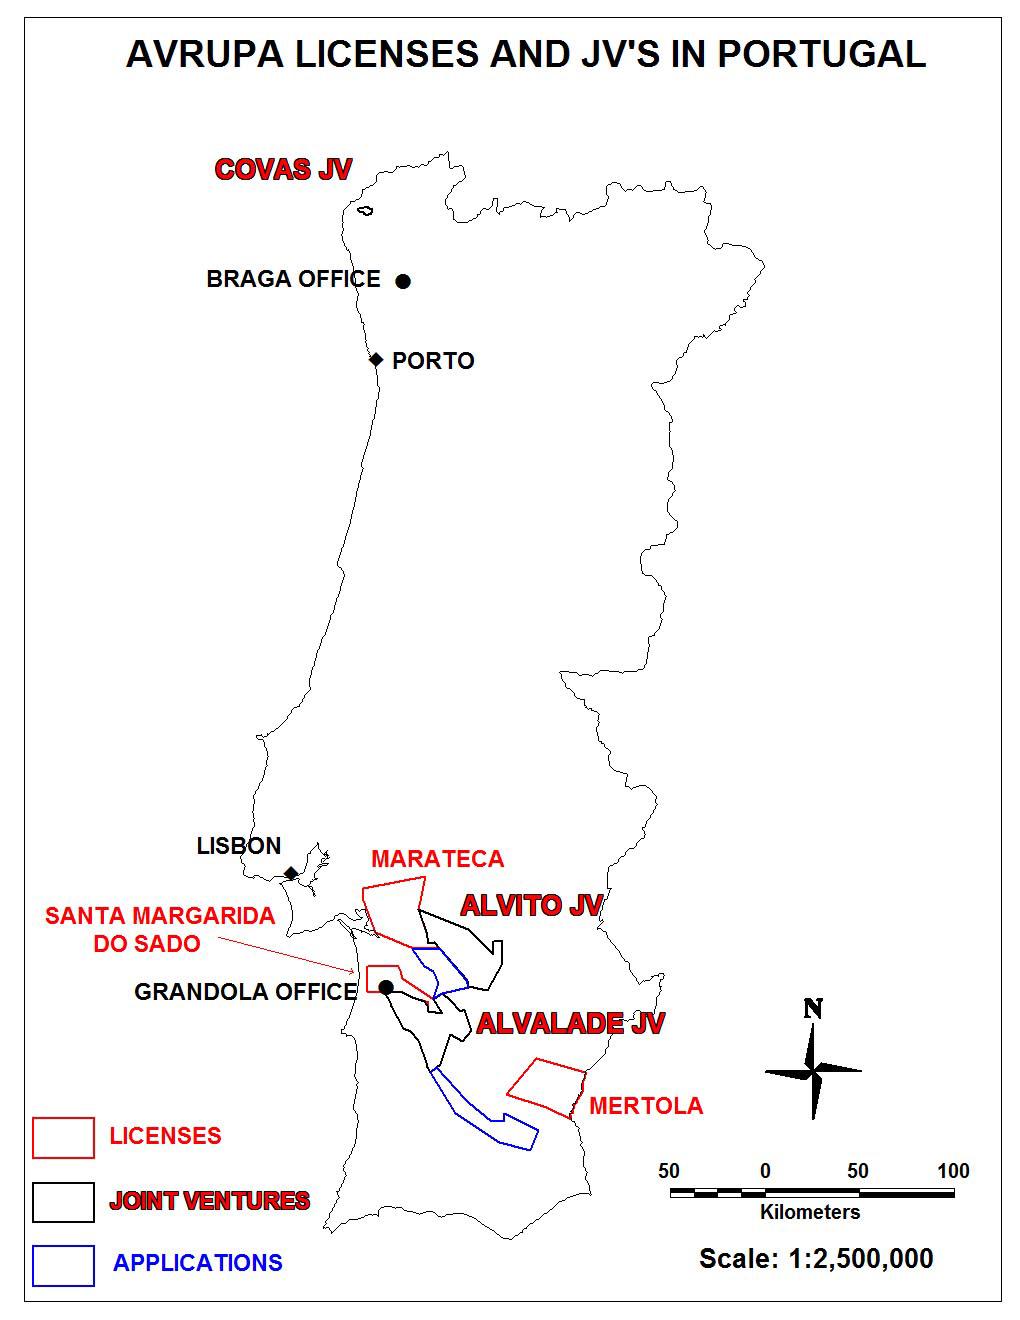 Avrupa-Minerals-Licenses-Portugal